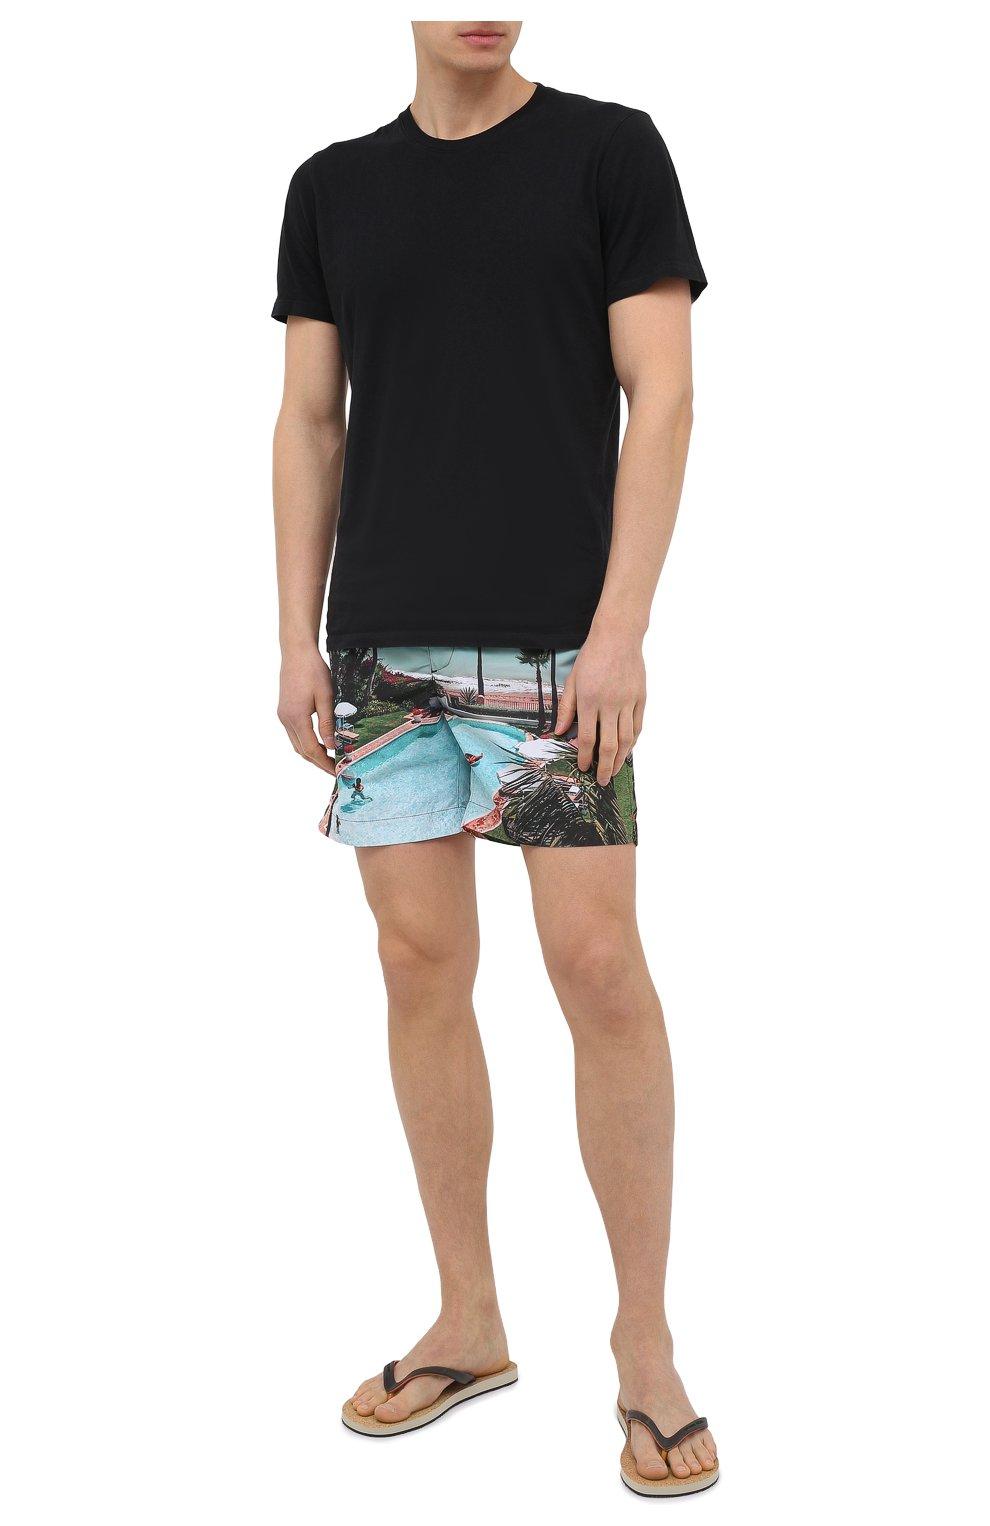 Мужские плавки-шорты ORLEBAR BROWN голубого цвета, арт. 273244   Фото 2 (Материал внешний: Синтетический материал; Принт: С принтом; Мужское Кросс-КТ: плавки-шорты)